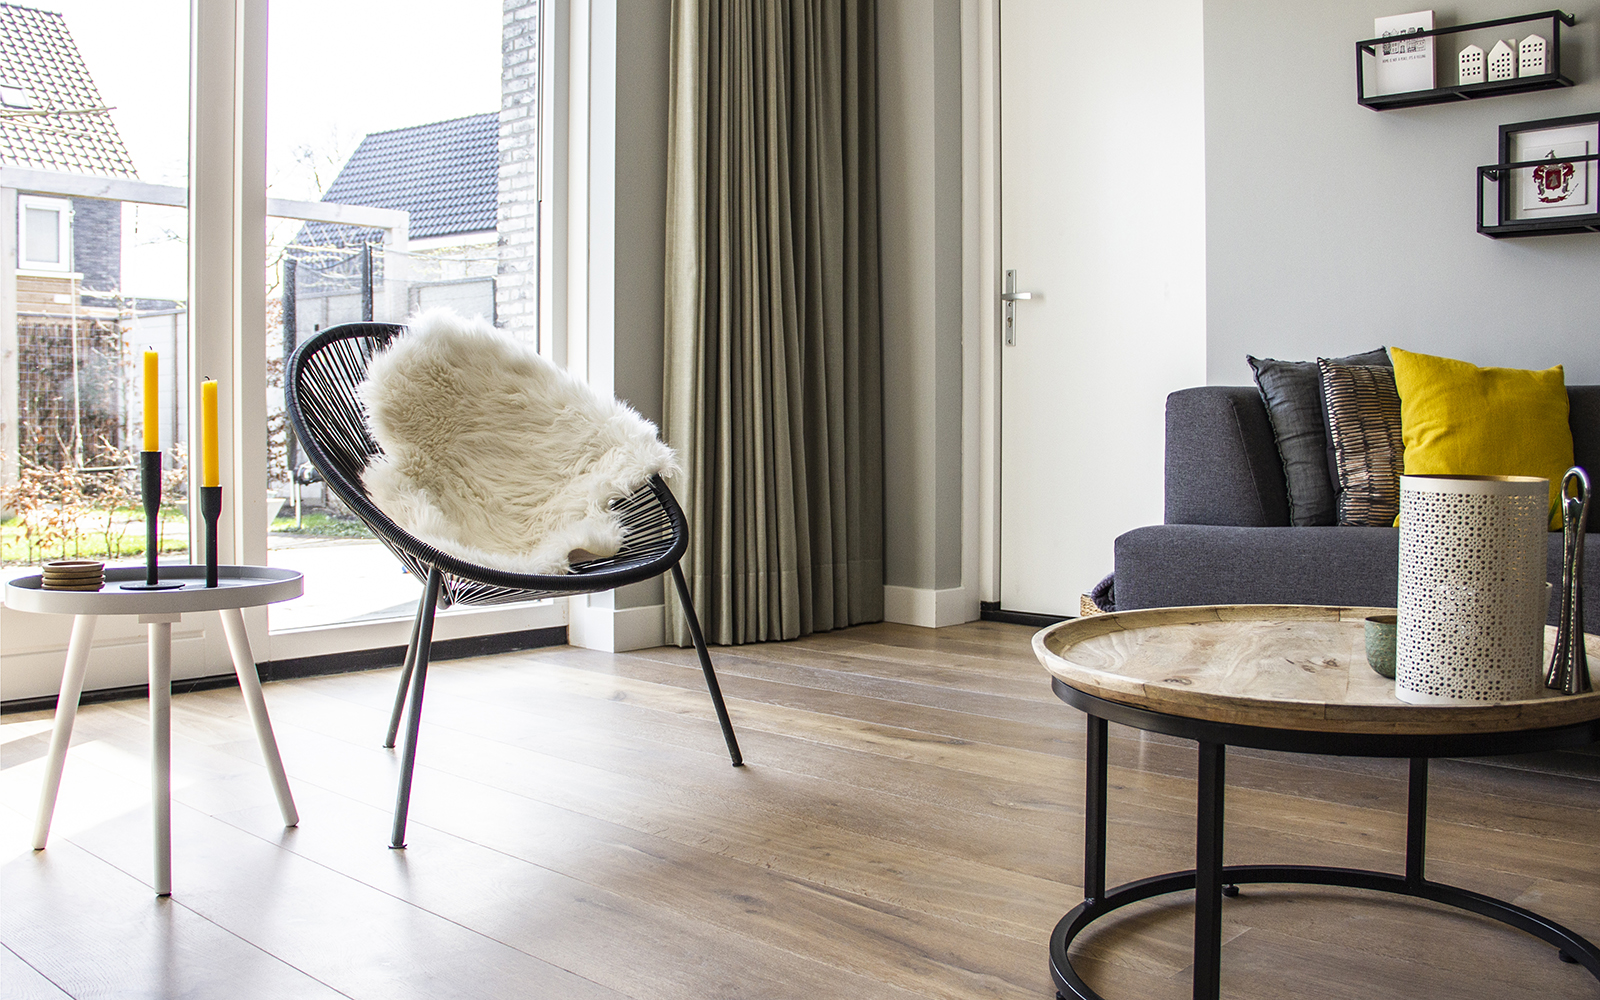 Design Vloeren Nijkerk, houten vloeren, parketvloeren, visgraatvloeren, interieurproject houten vloeren Barnevald